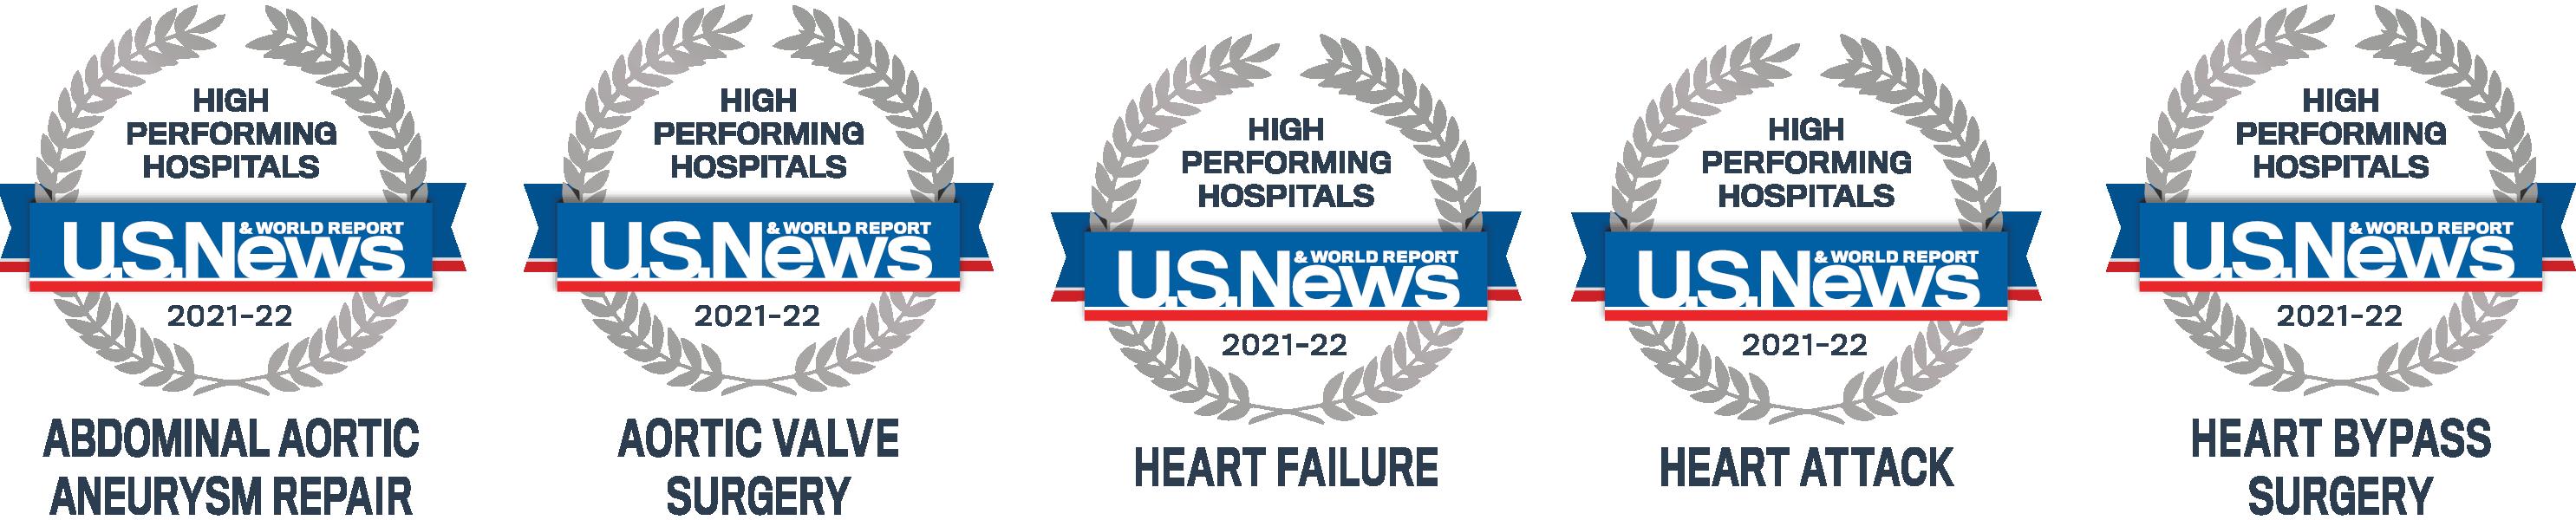 U.S. News Awards